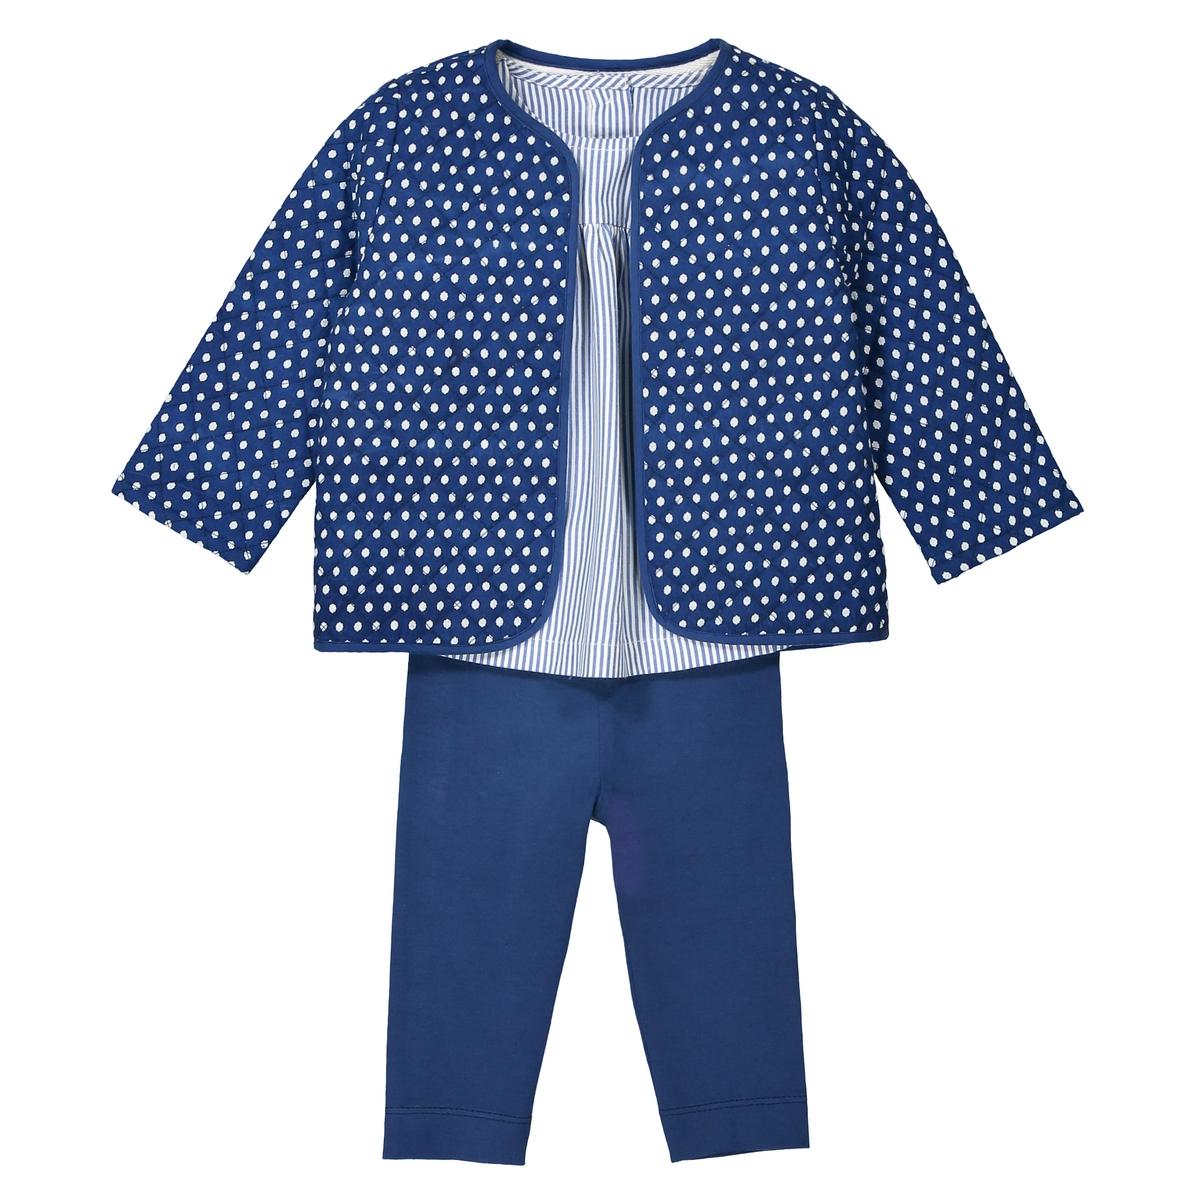 Комплект из куртки, блузки и леггинсов 1 мес. – 3 года от La Redoute Collections